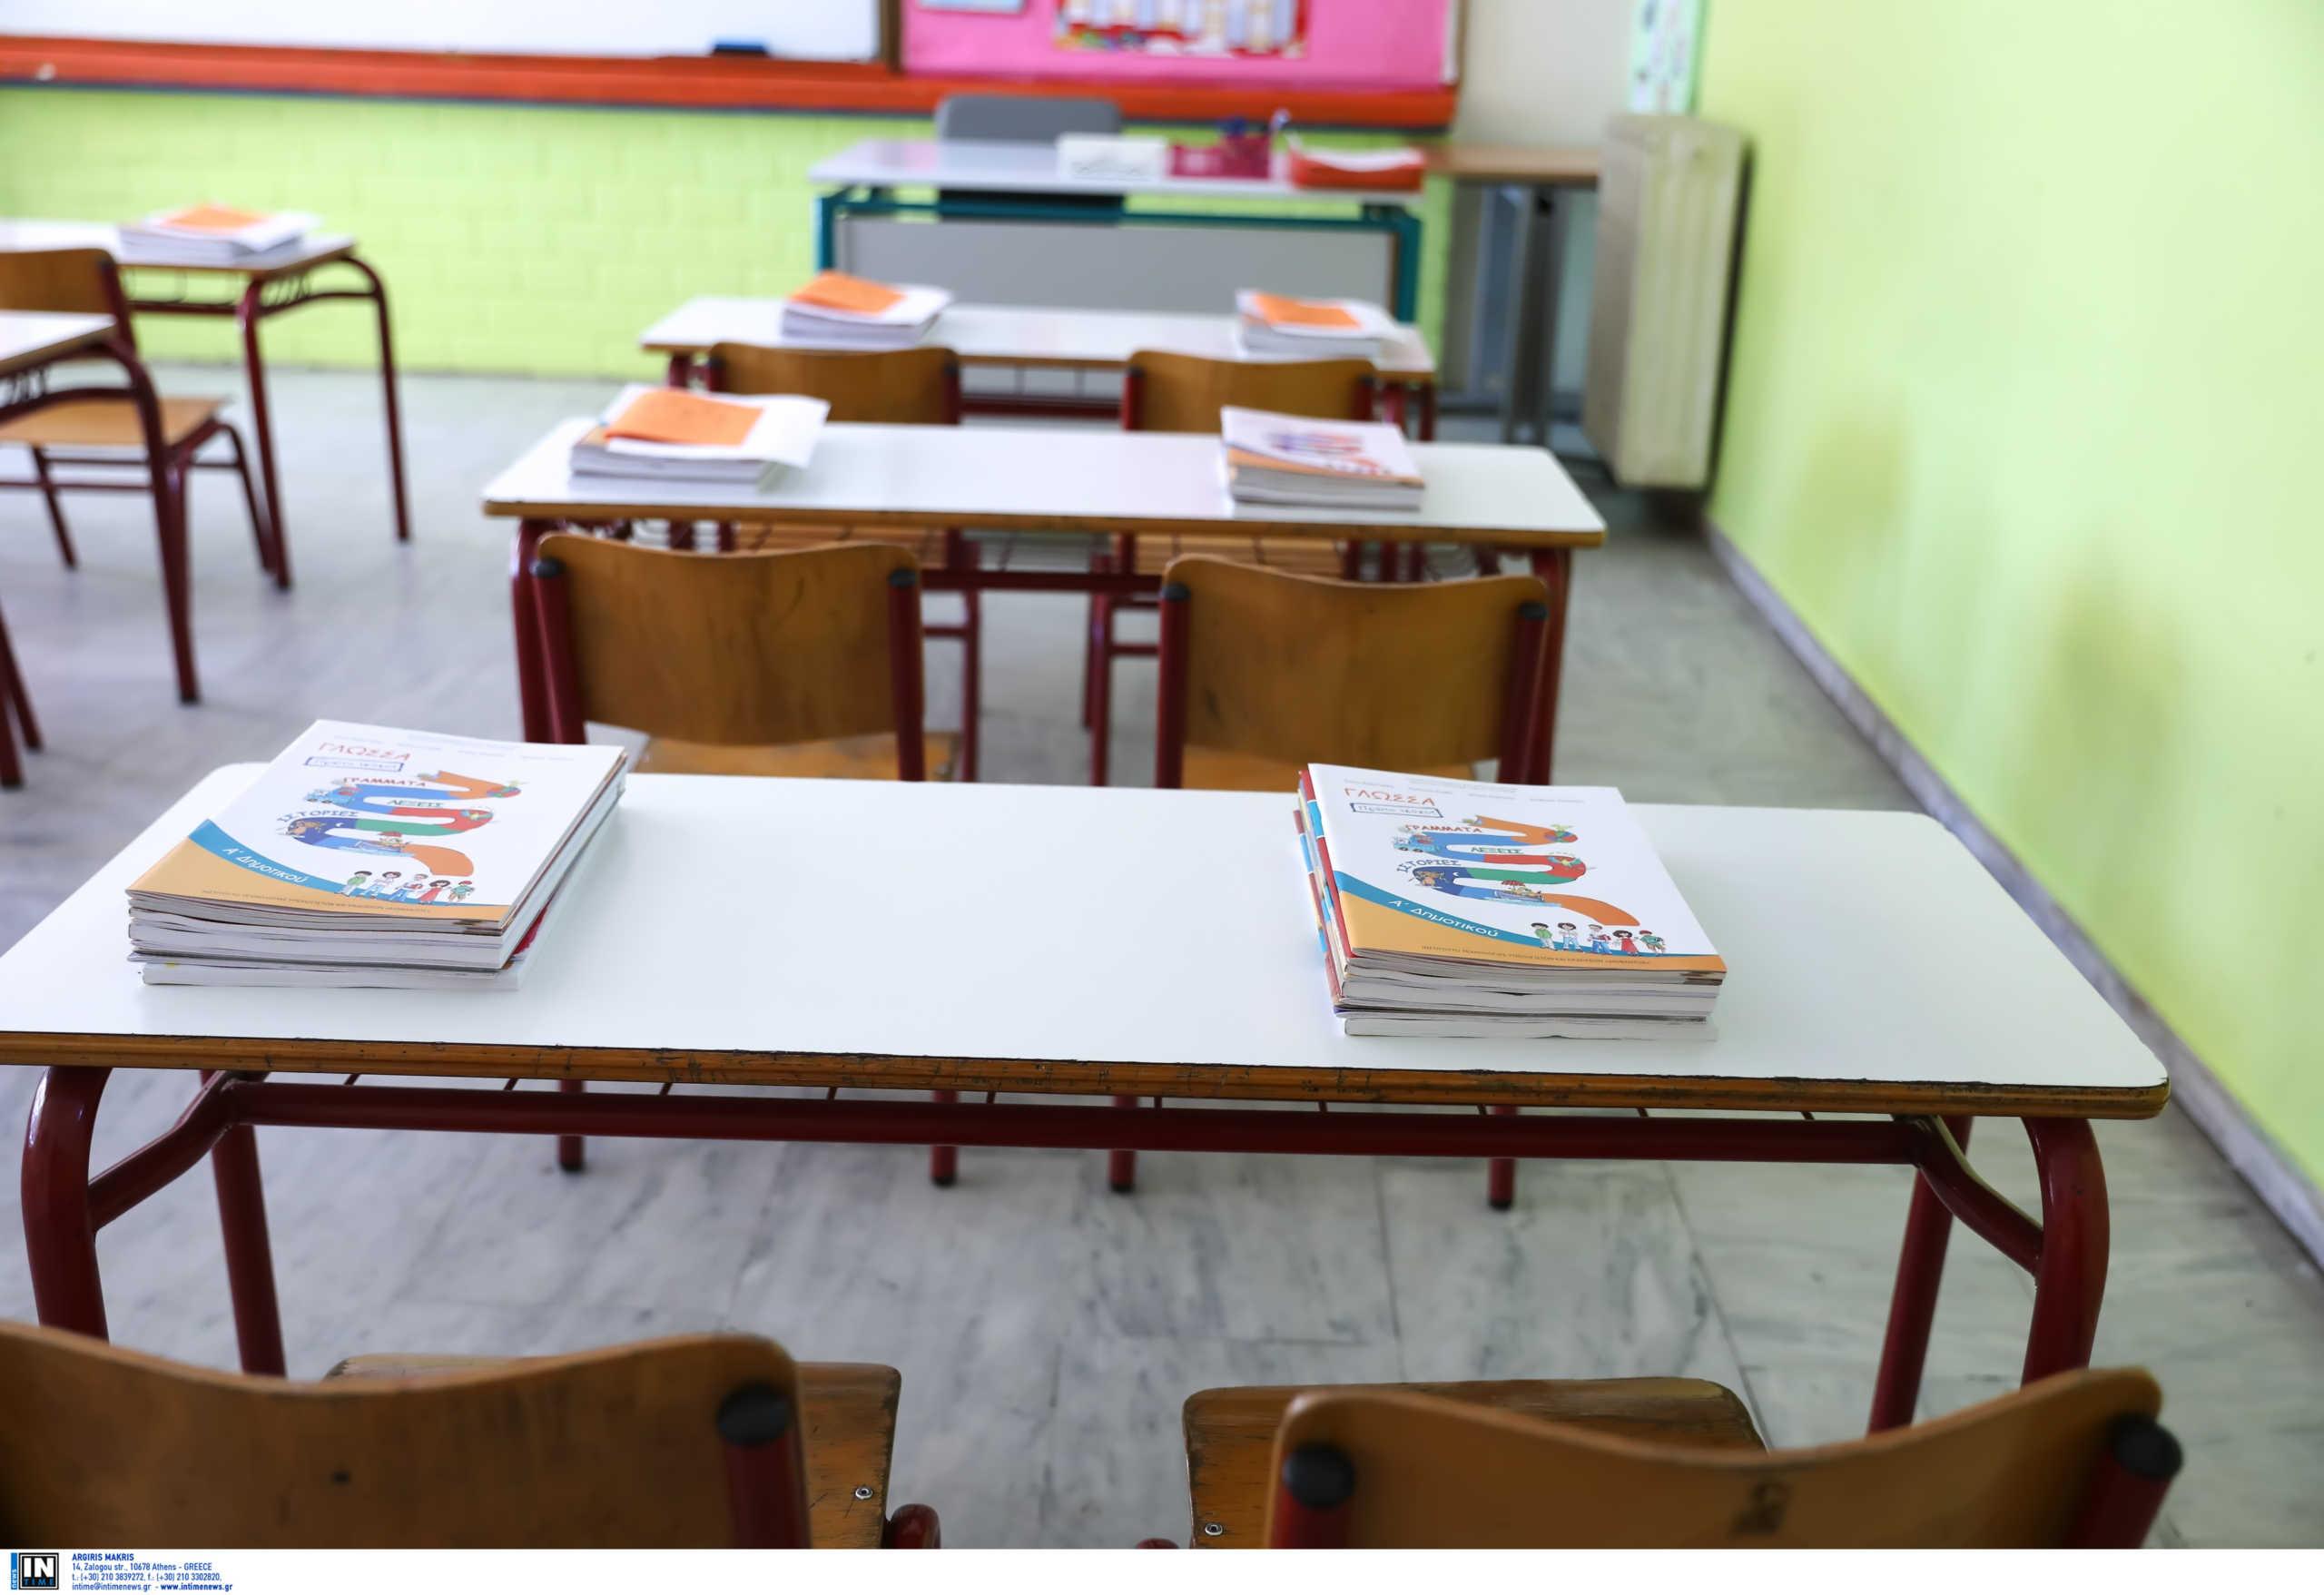 Σχολεία: 2.500 προσλήψεις ψυχολόγων και κοινωνικών λειτουργών